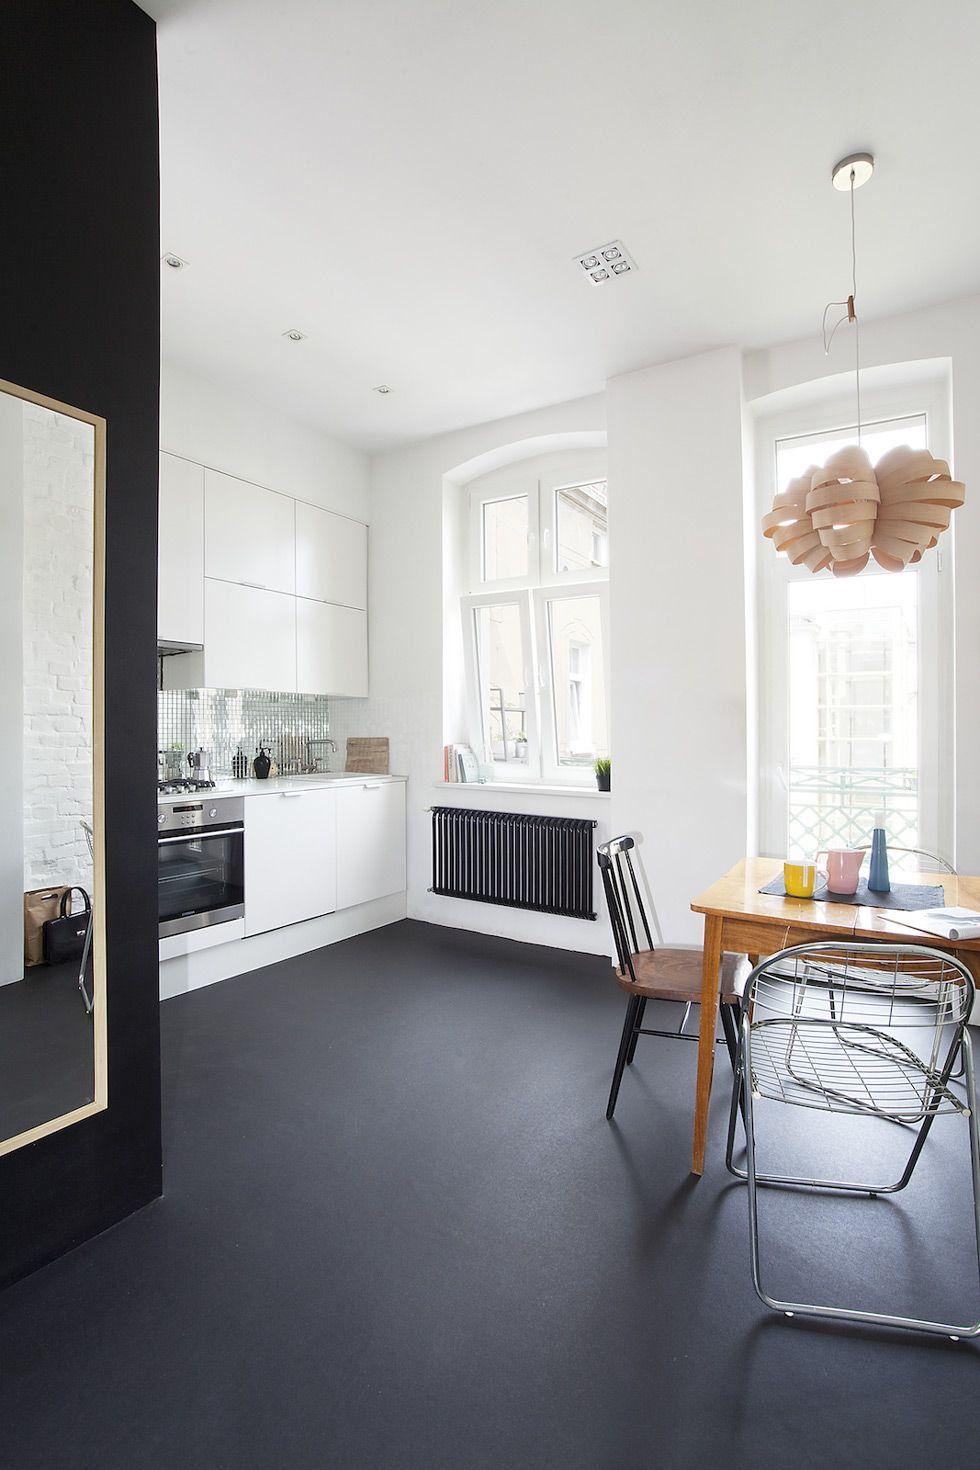 Pavimenti cucina • Guida alla scelta dei migliori materiali